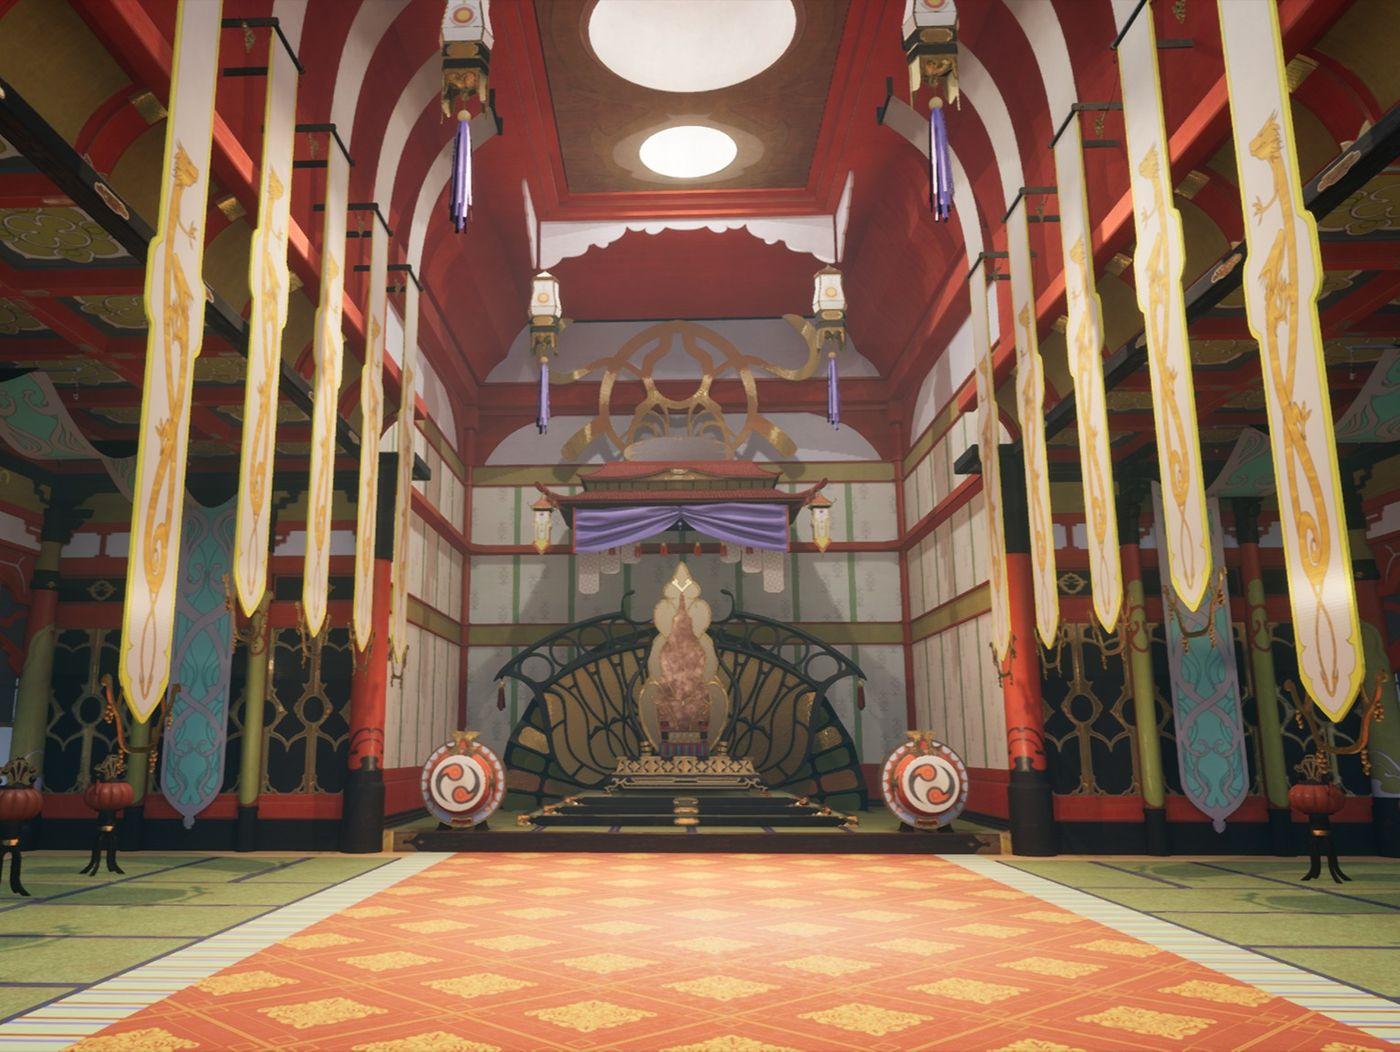 Hoshido Throne Room